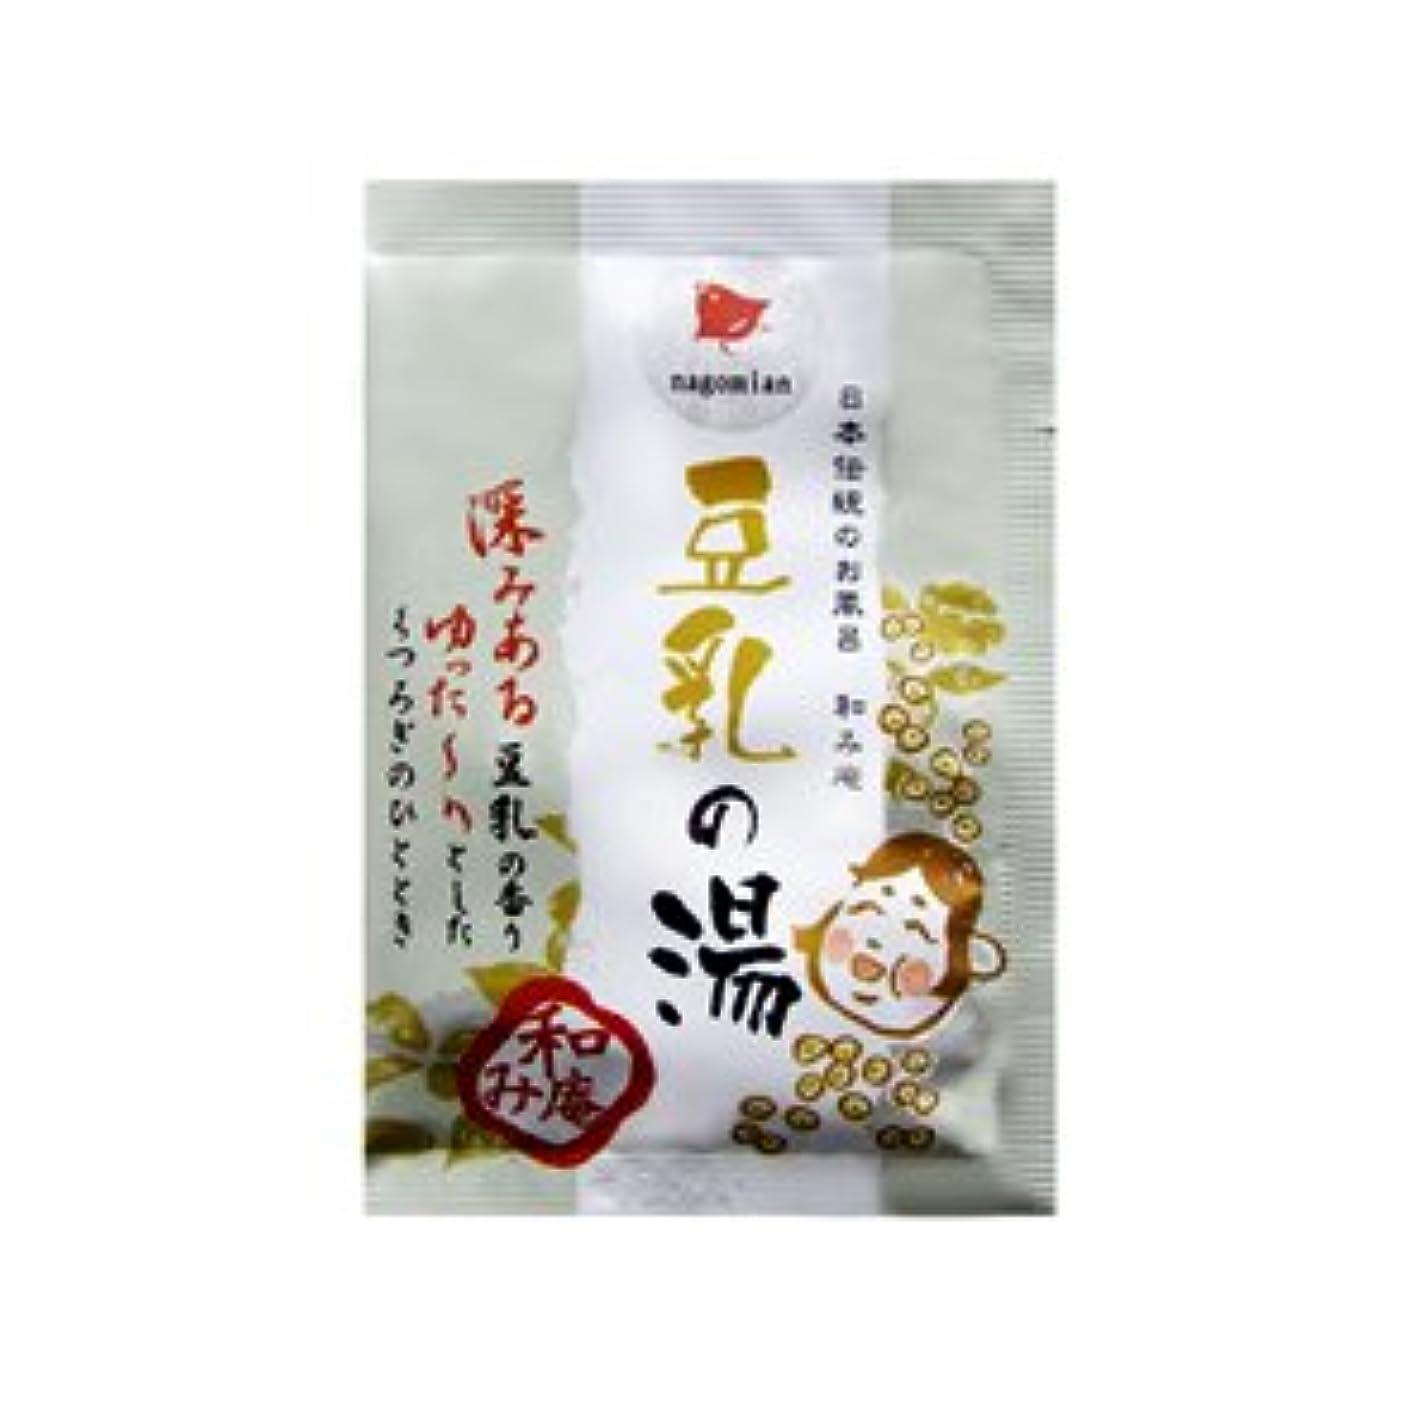 港債務マウスピース日本伝統のお風呂 和み庵 豆乳の湯 25g 5個セット